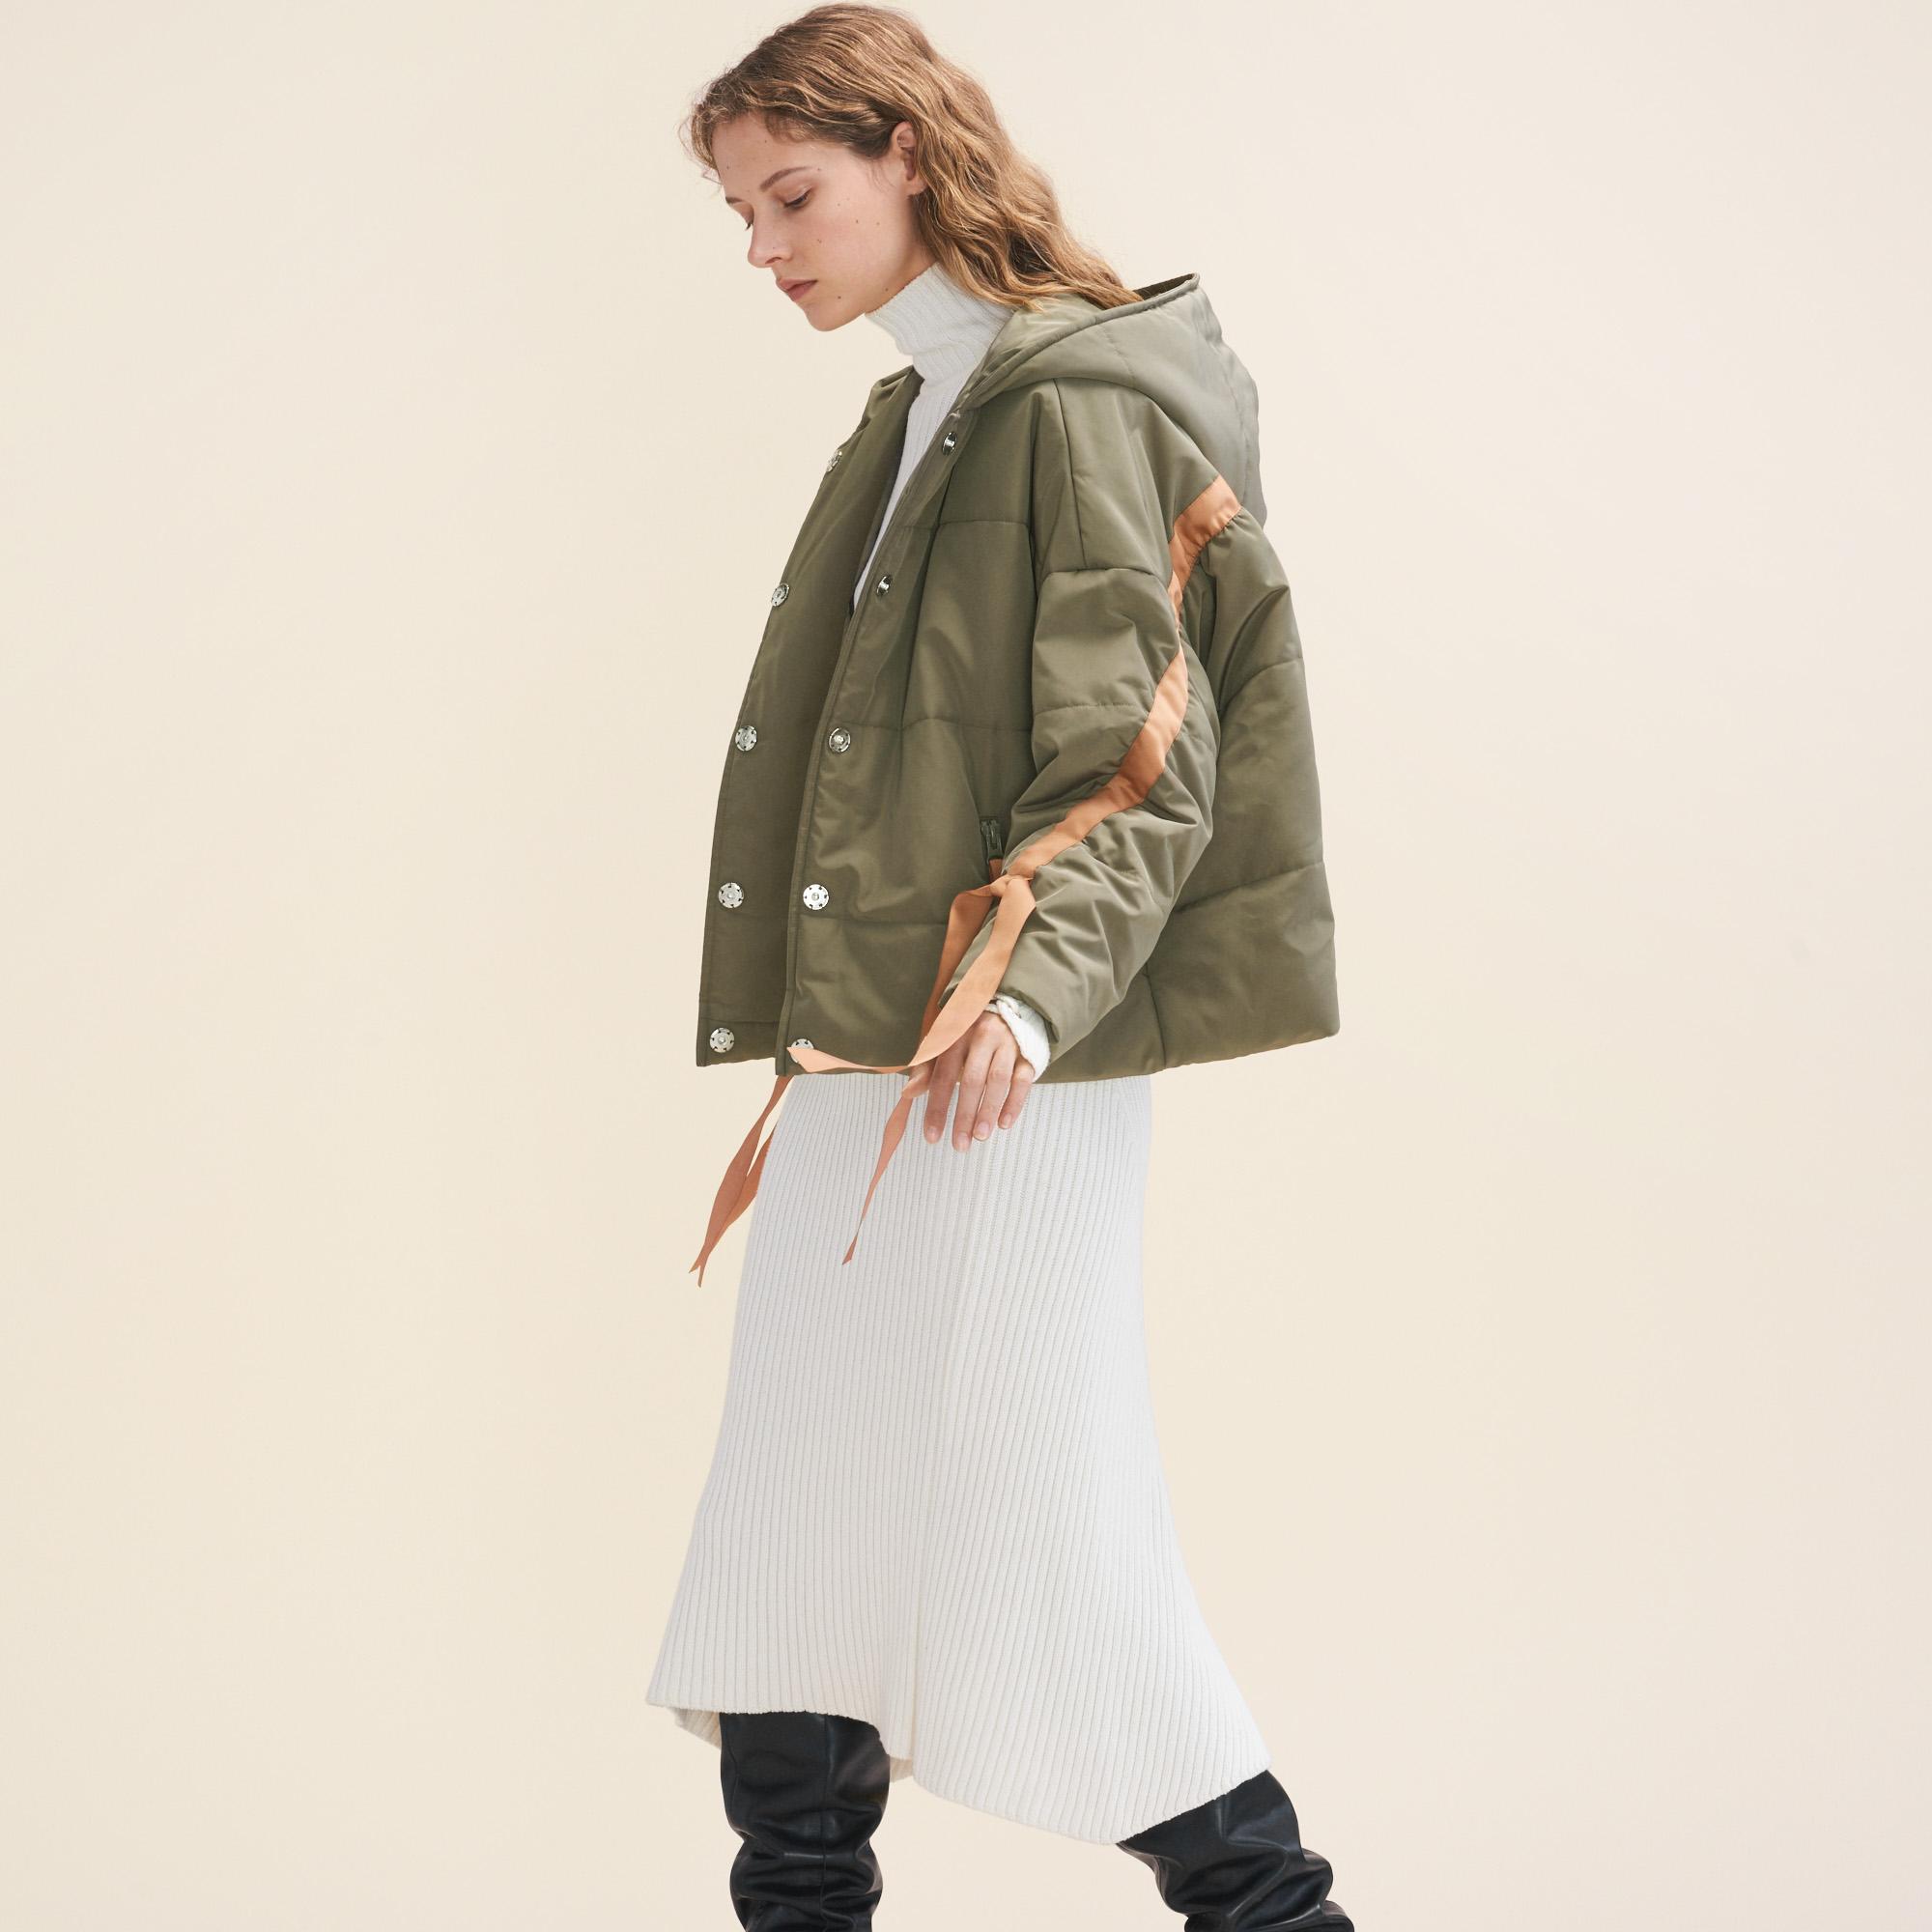 Как носить пуховик этой зимой и выглядеть стильно-Фото 2